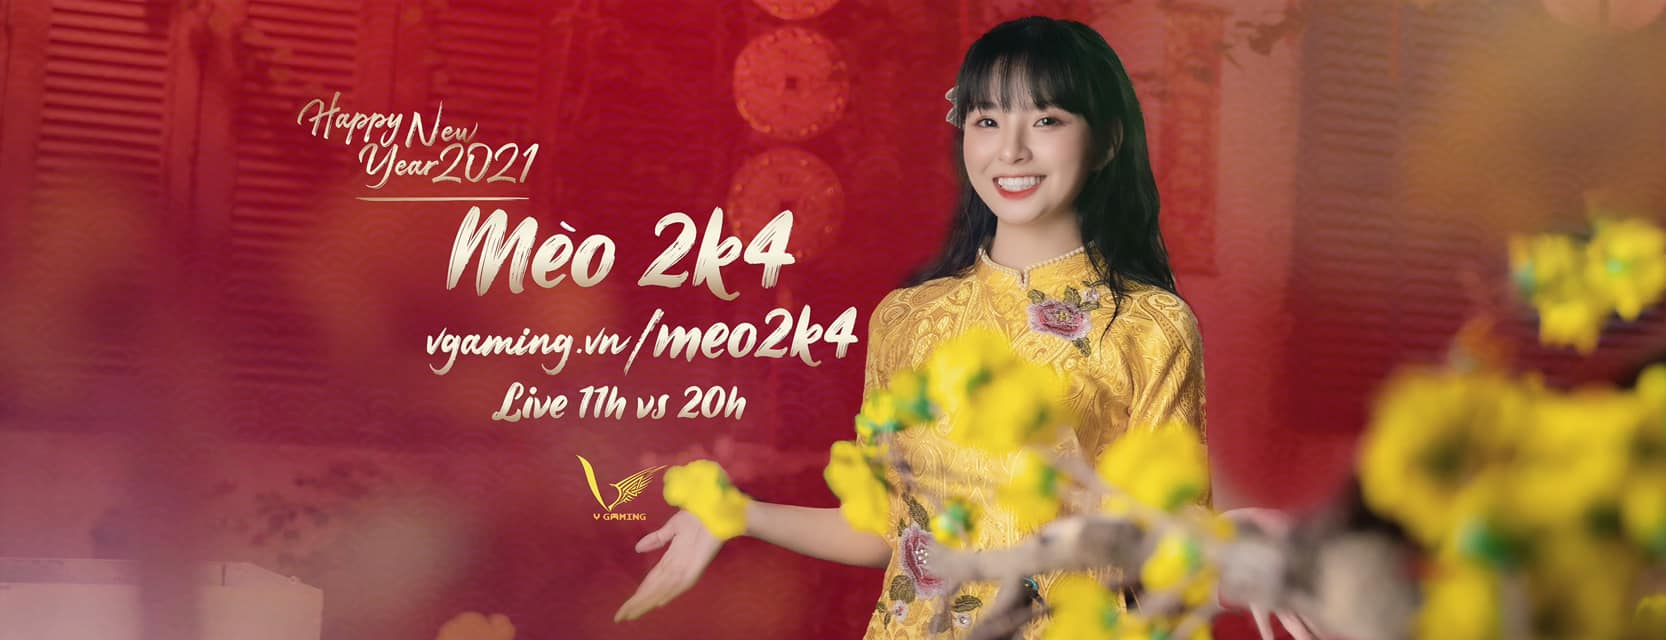 Mèo 2k4 tên thật là Nguyễn Hoa, sinh năm 1999 chứ không phải 2004 như tên gọi của cô